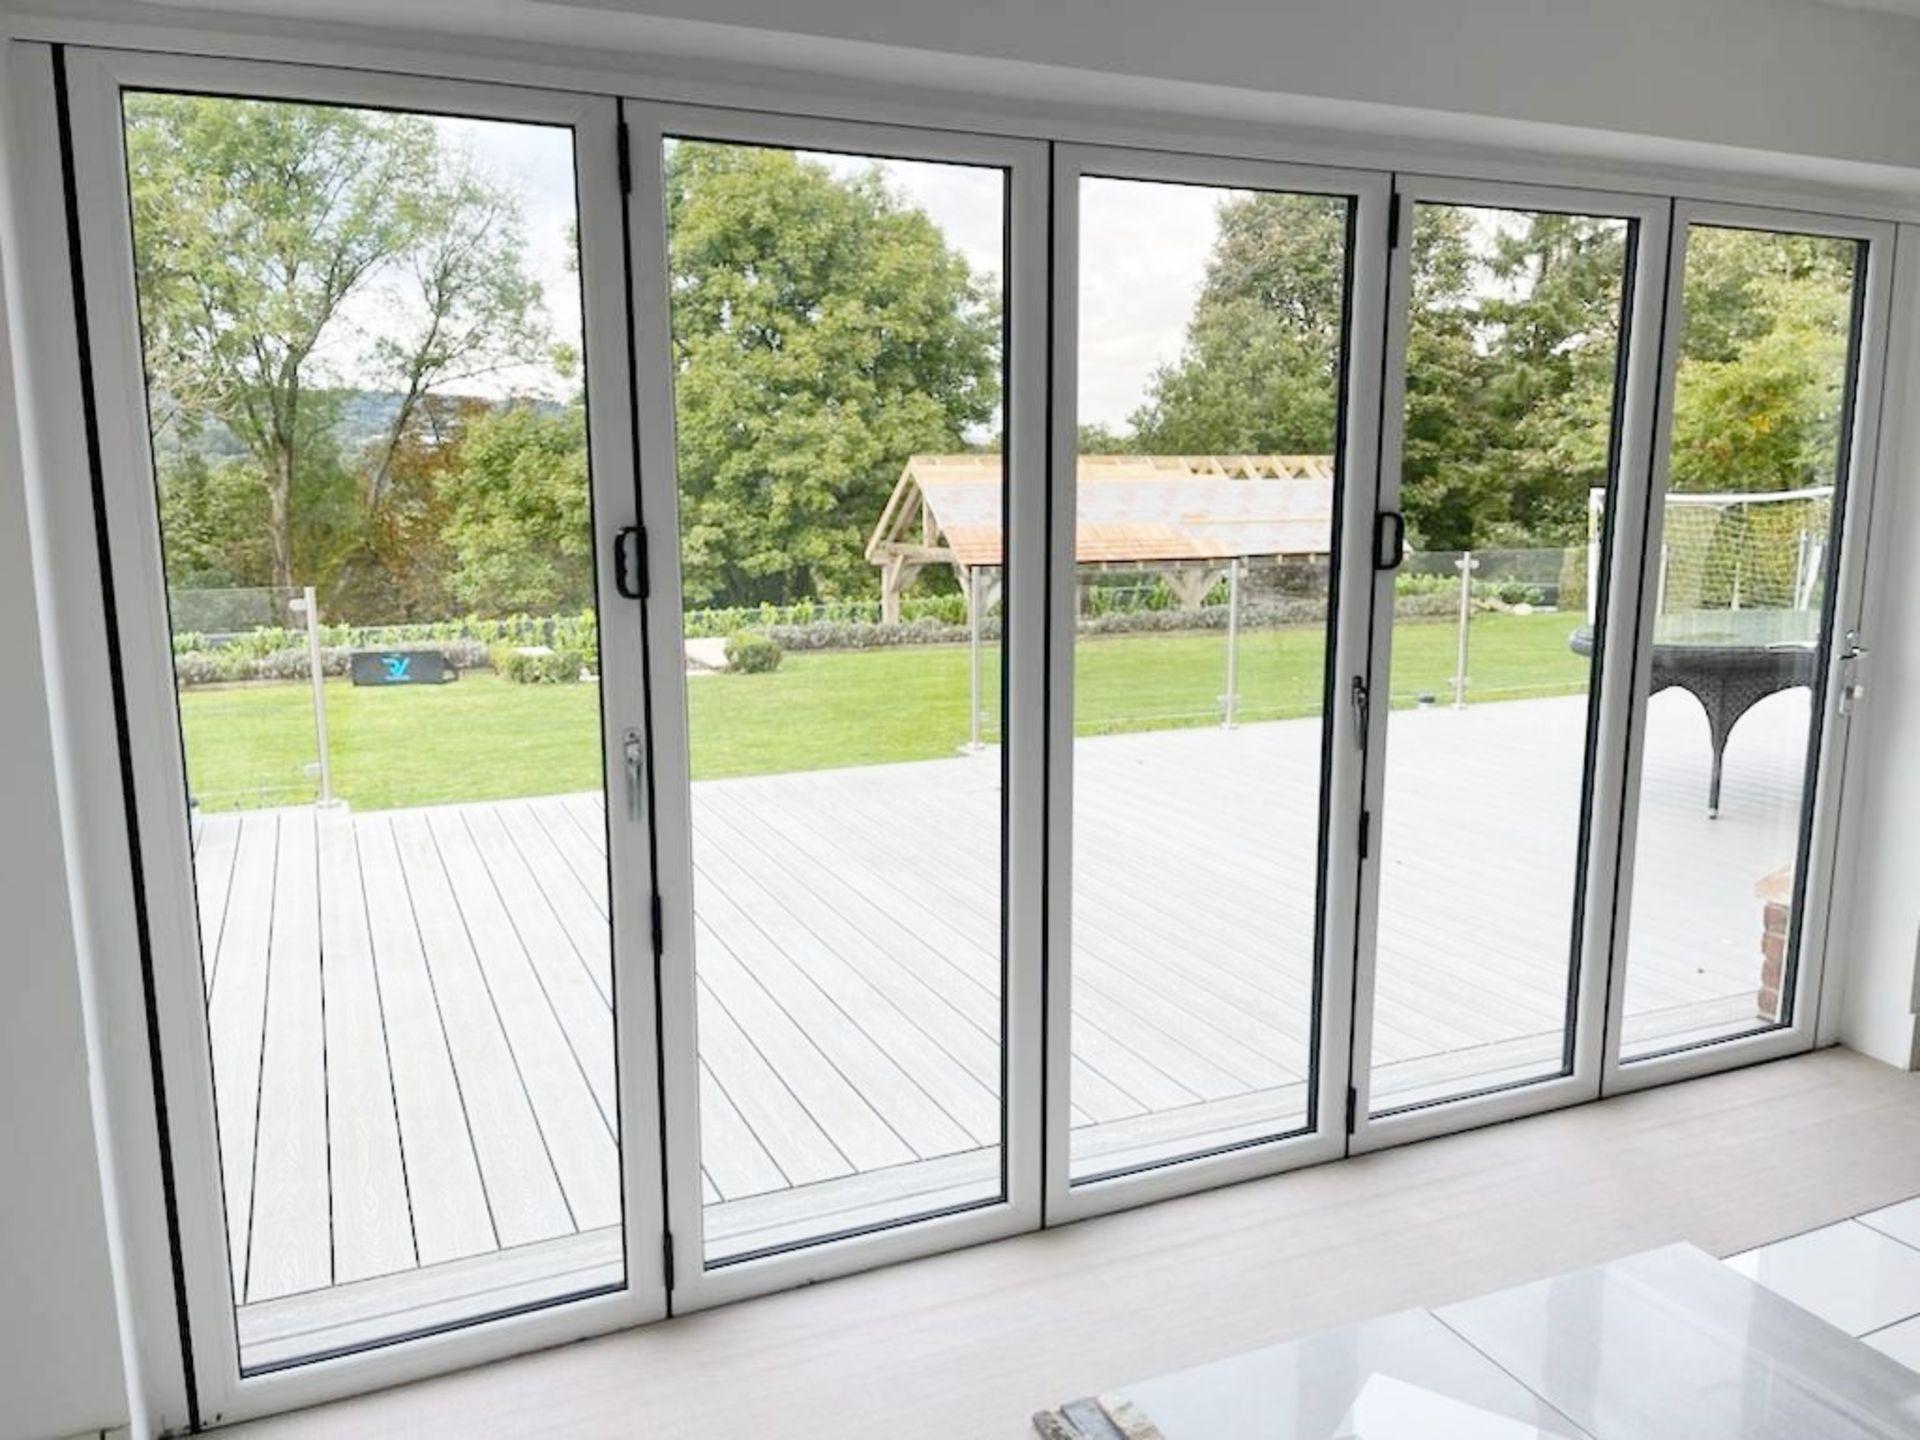 1 x Slide And Fold Bi Fold Doors Including Frames - CL685 - Location: Blackburn BB6 - NO VAT On - Image 7 of 7